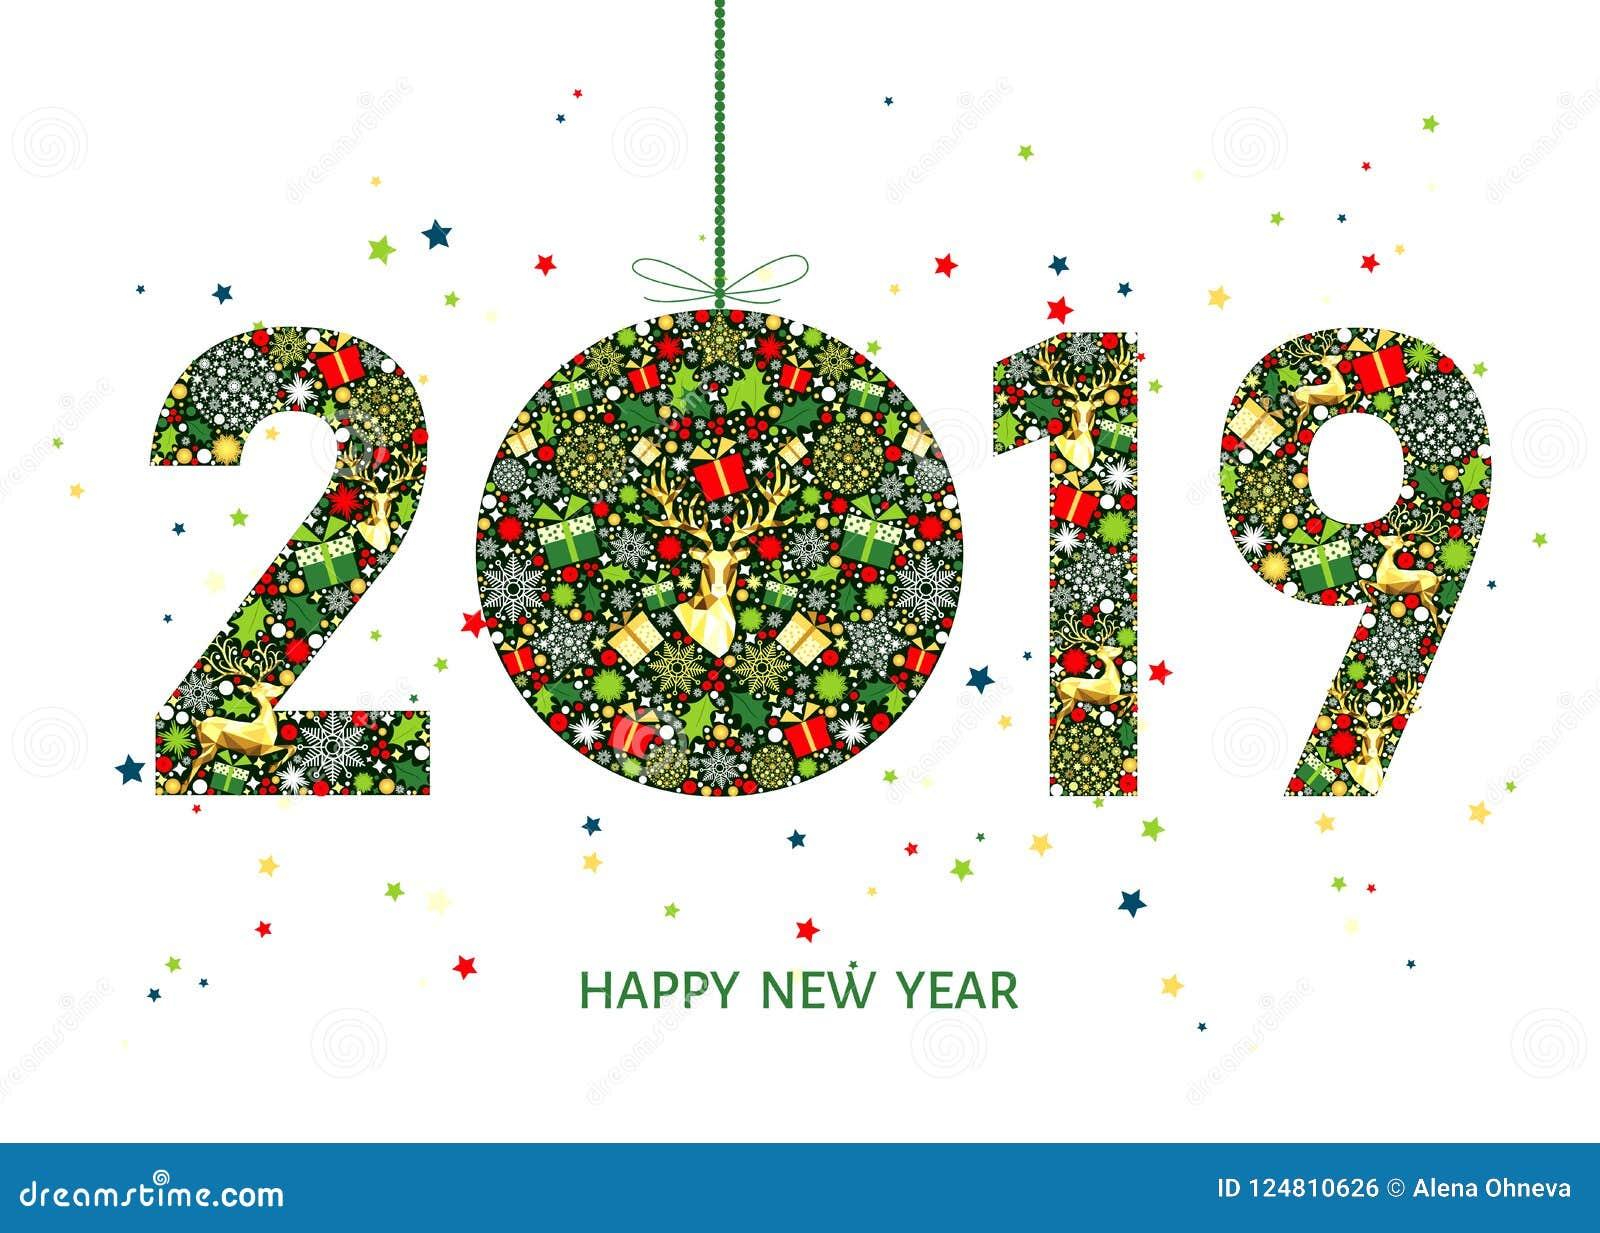 Imagenes Felicitacion Navidad 2019.Tarjeta De Felicitacion De La Feliz Ano Nuevo 2019 Con La